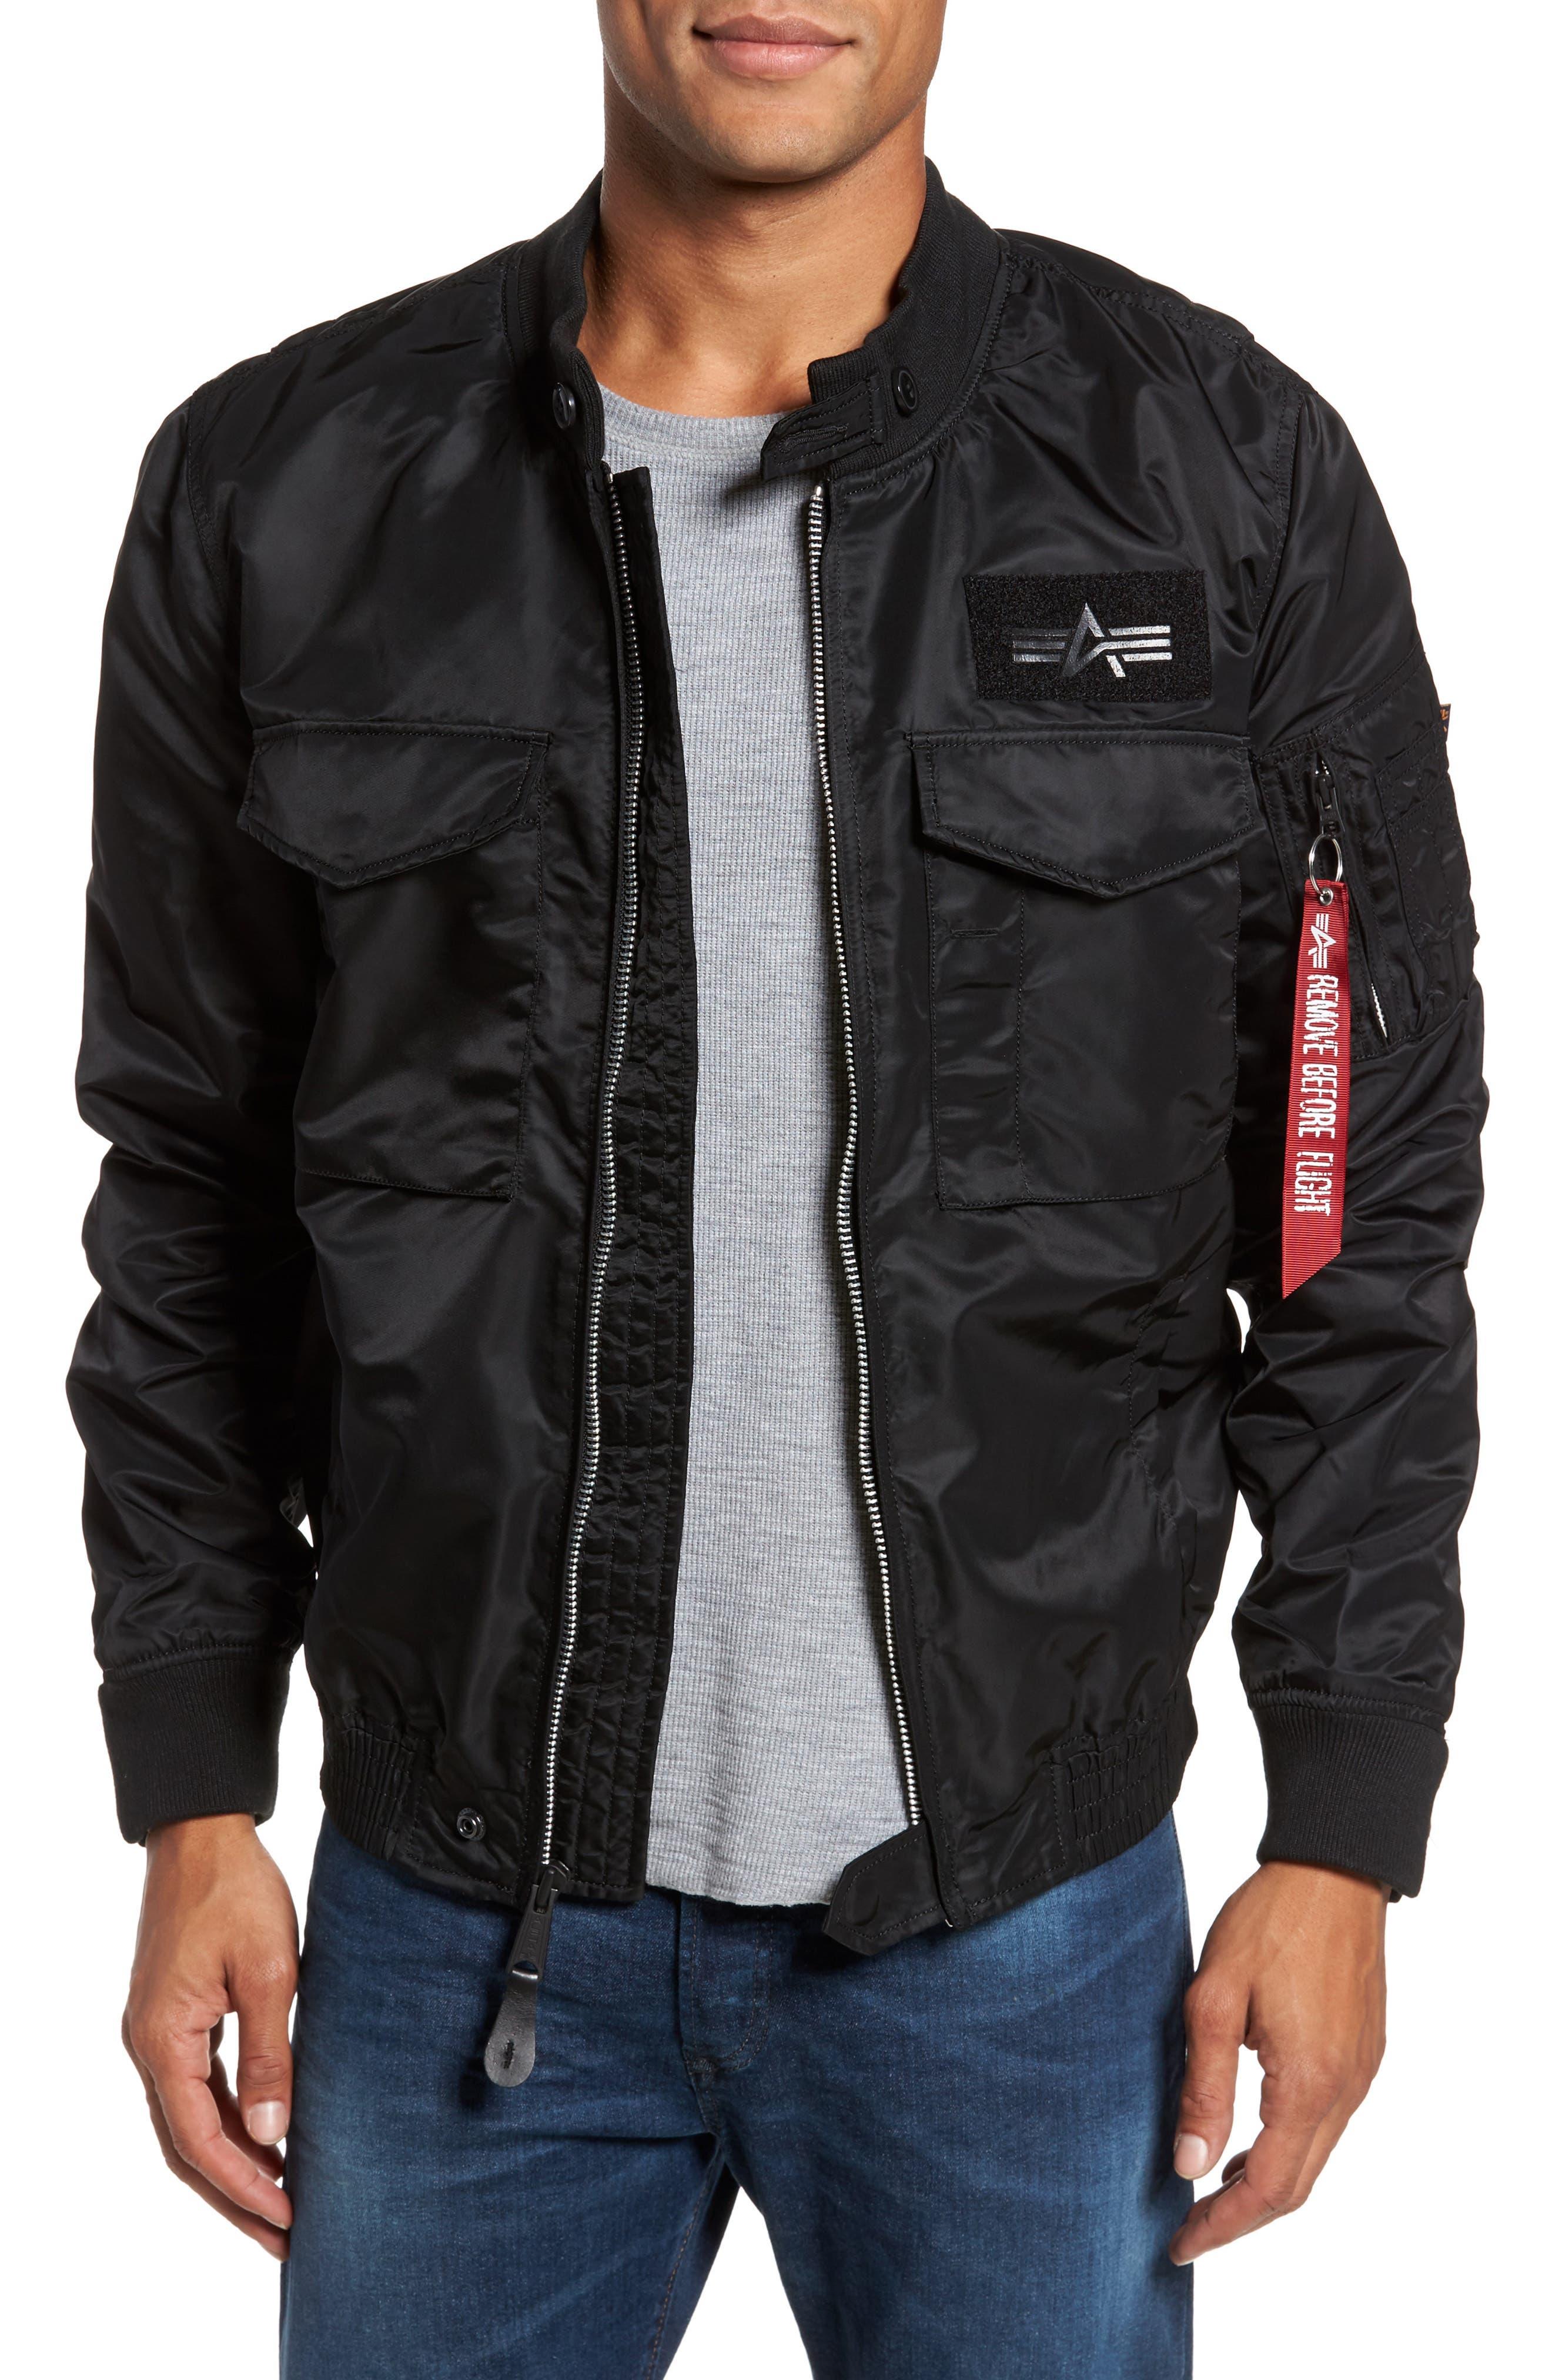 Weps Mod Jacket,                         Main,                         color, 001